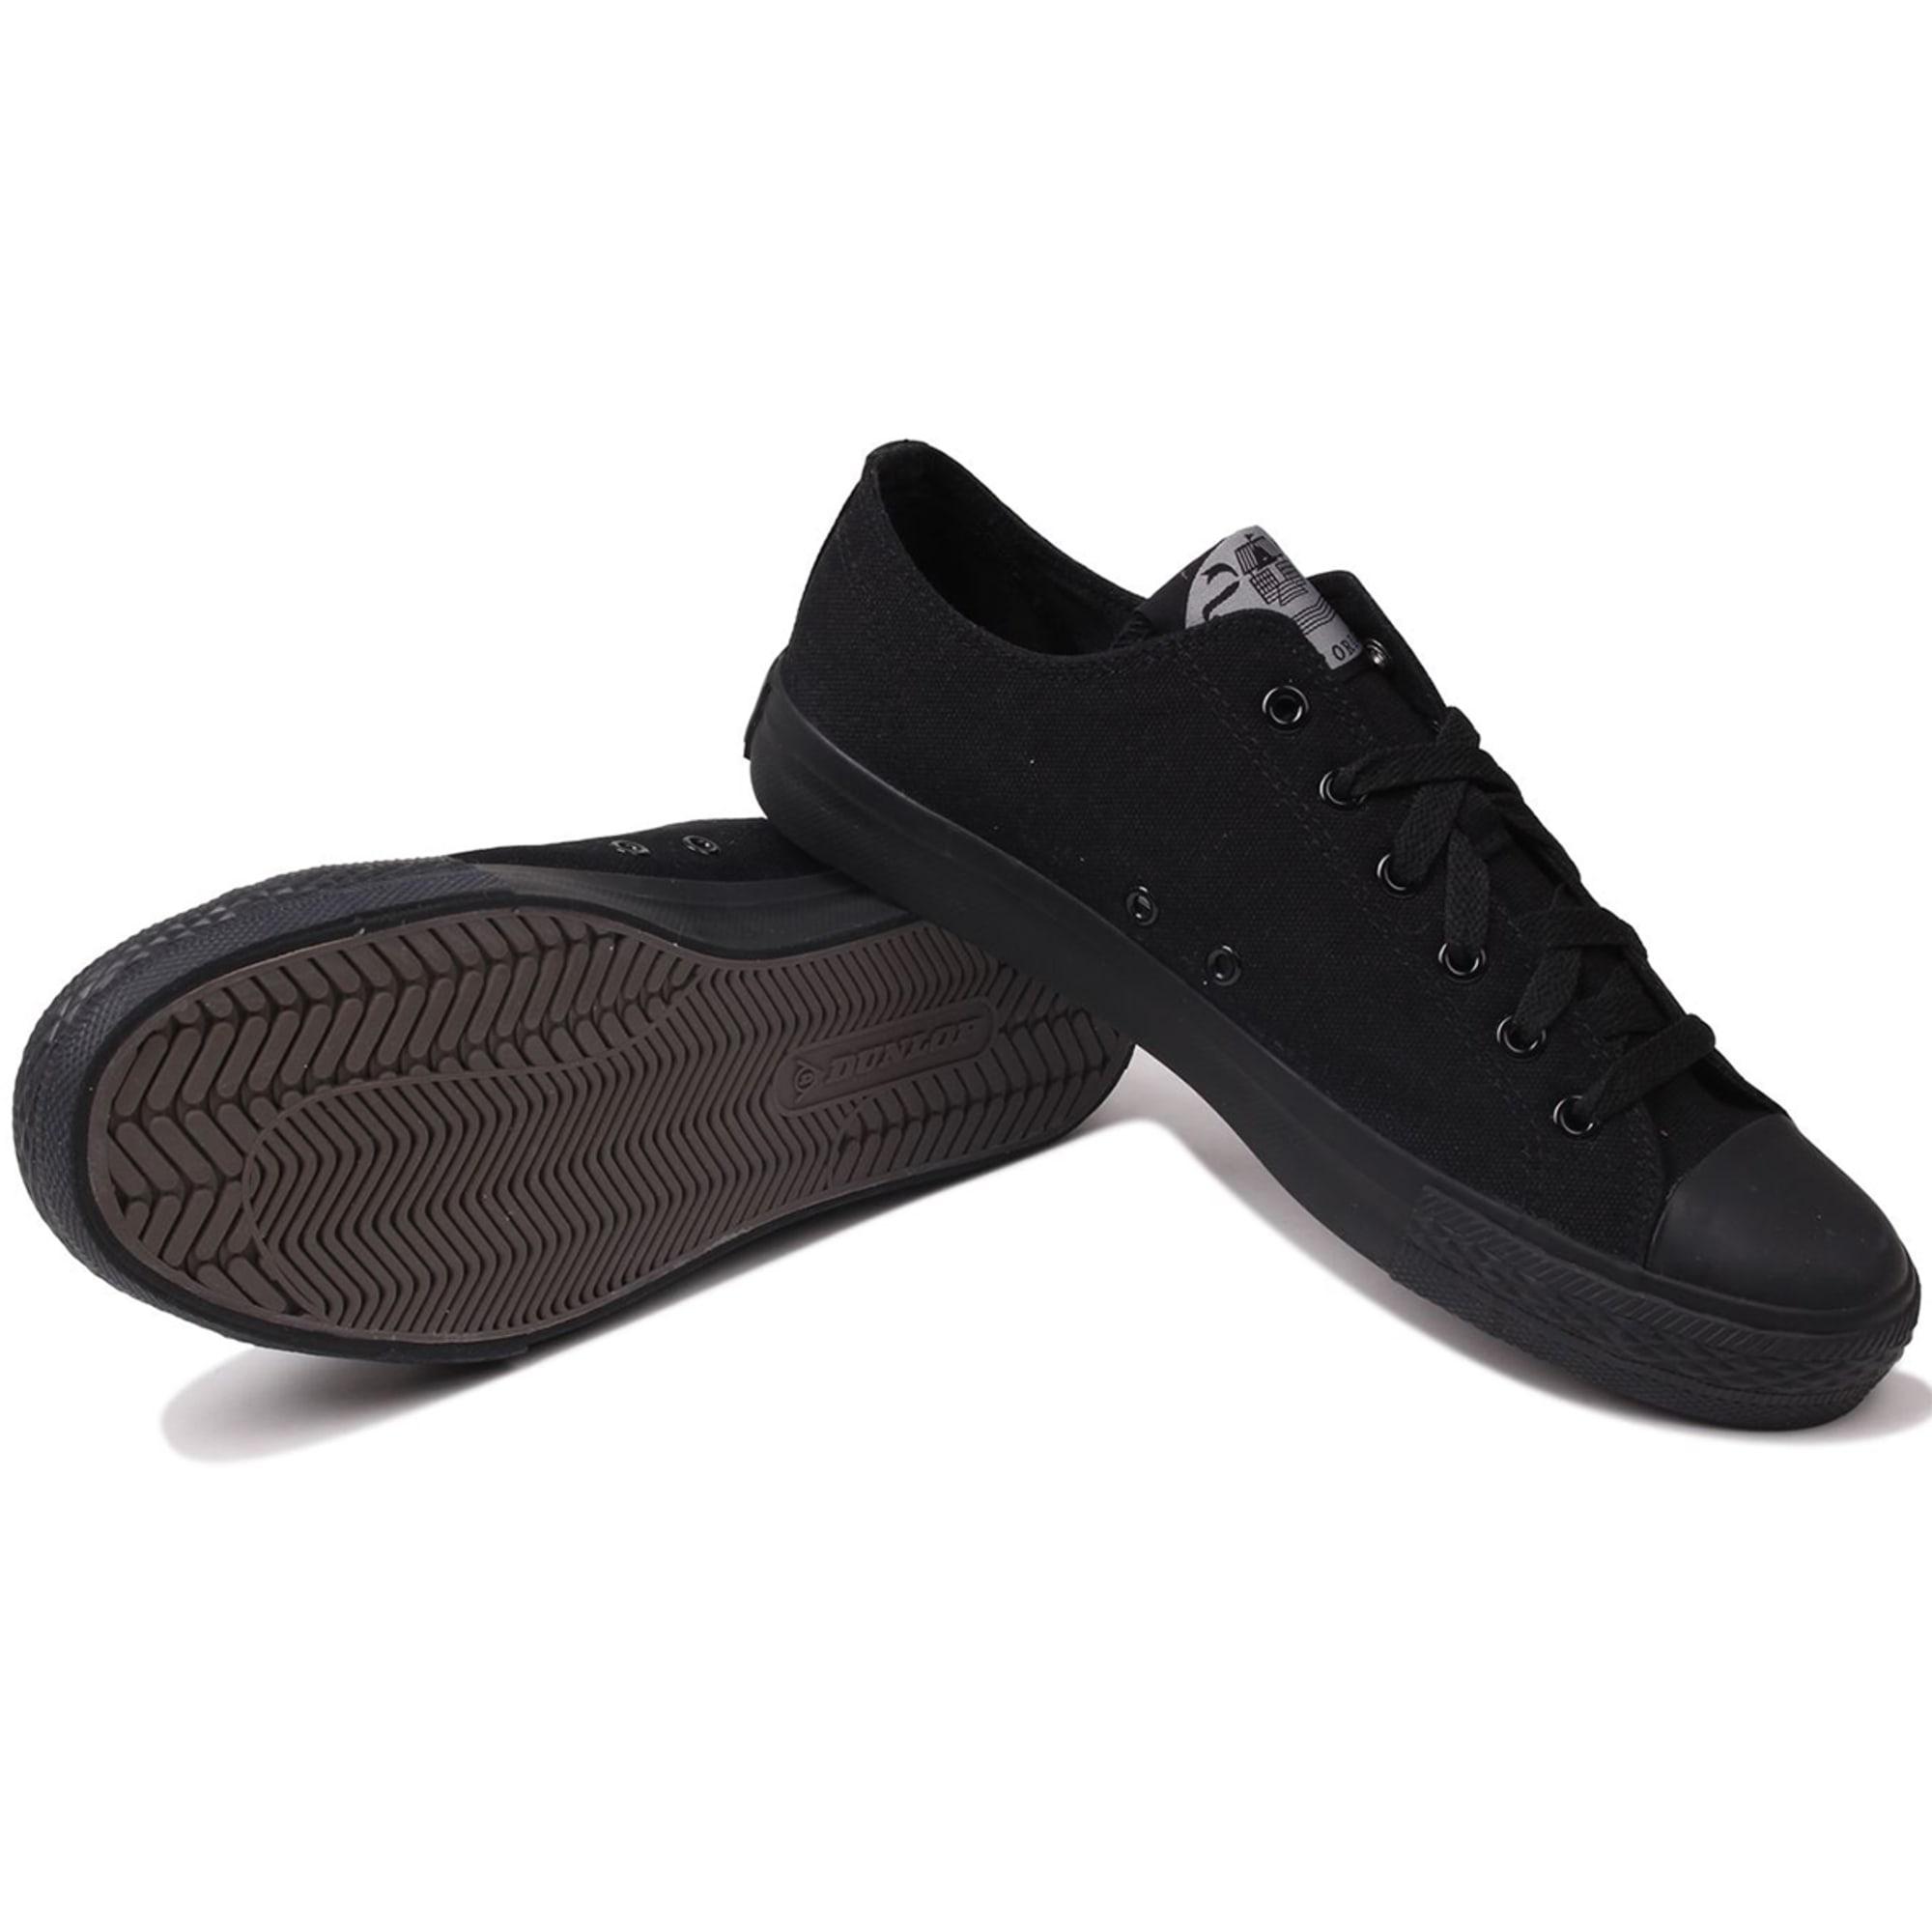 DUNLOP Men's Canvas Low-Top Sneakers